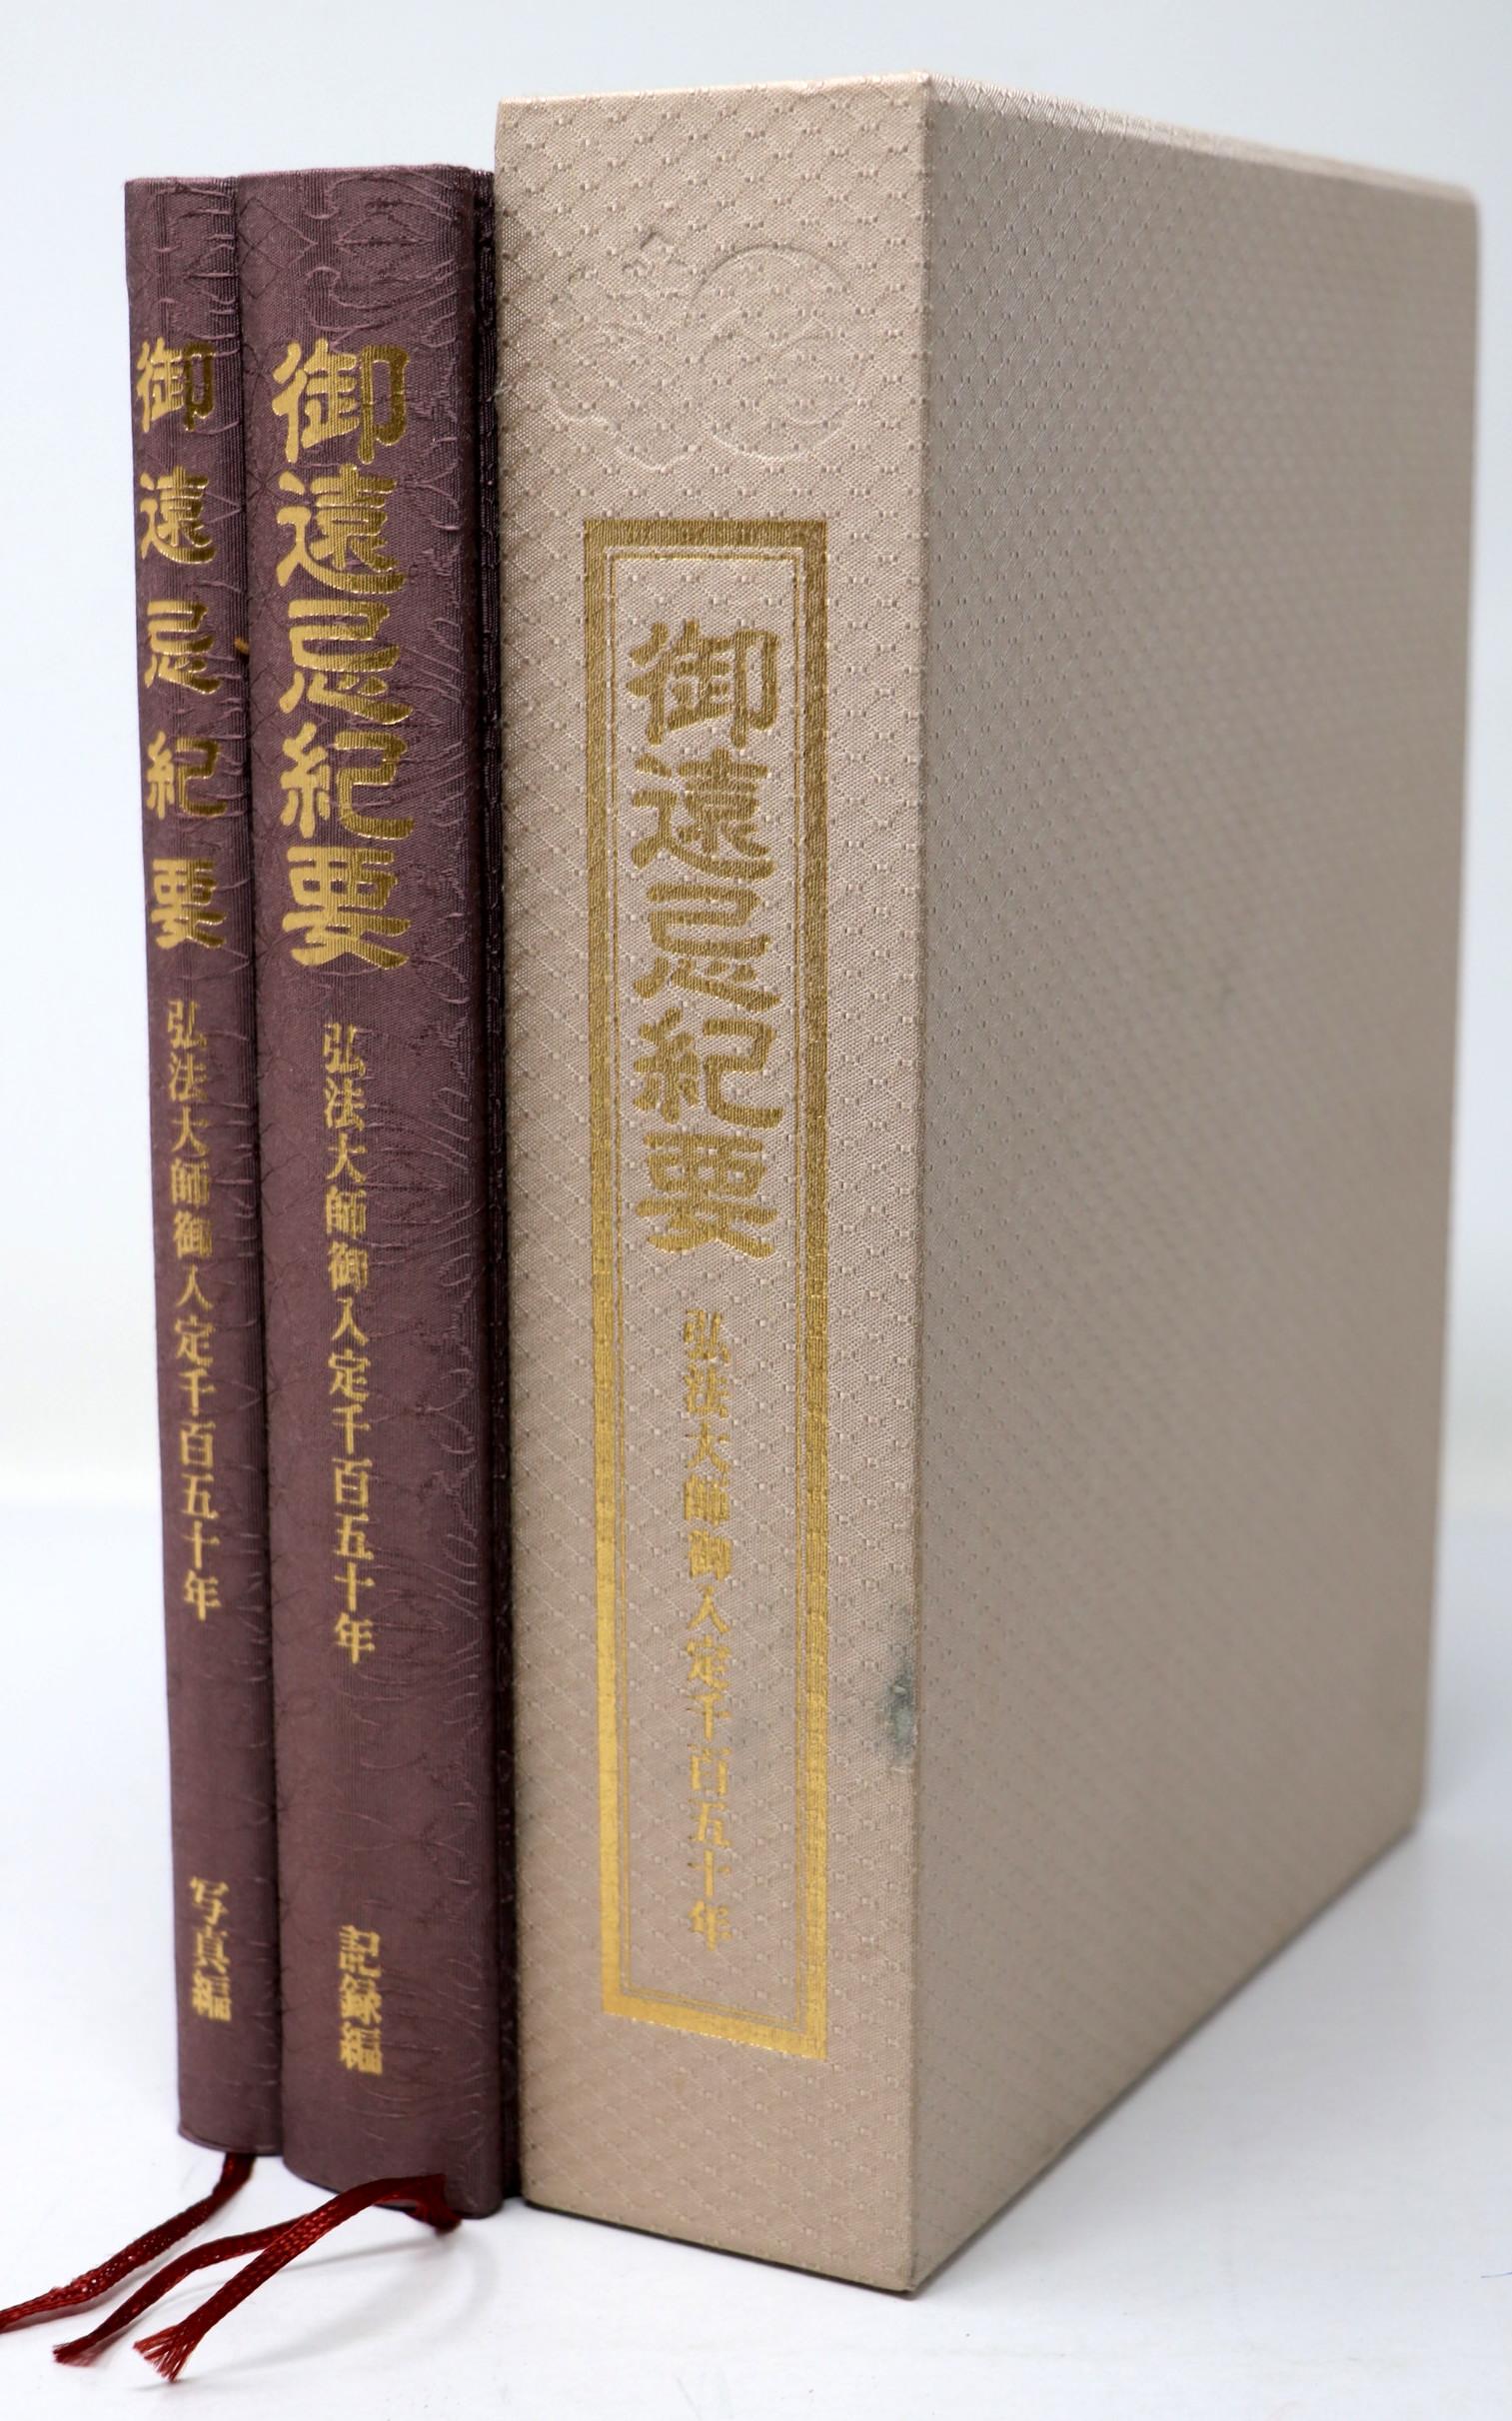 御遠忌紀要 弘法大師御入定千百五十年写真編・記録編 2冊